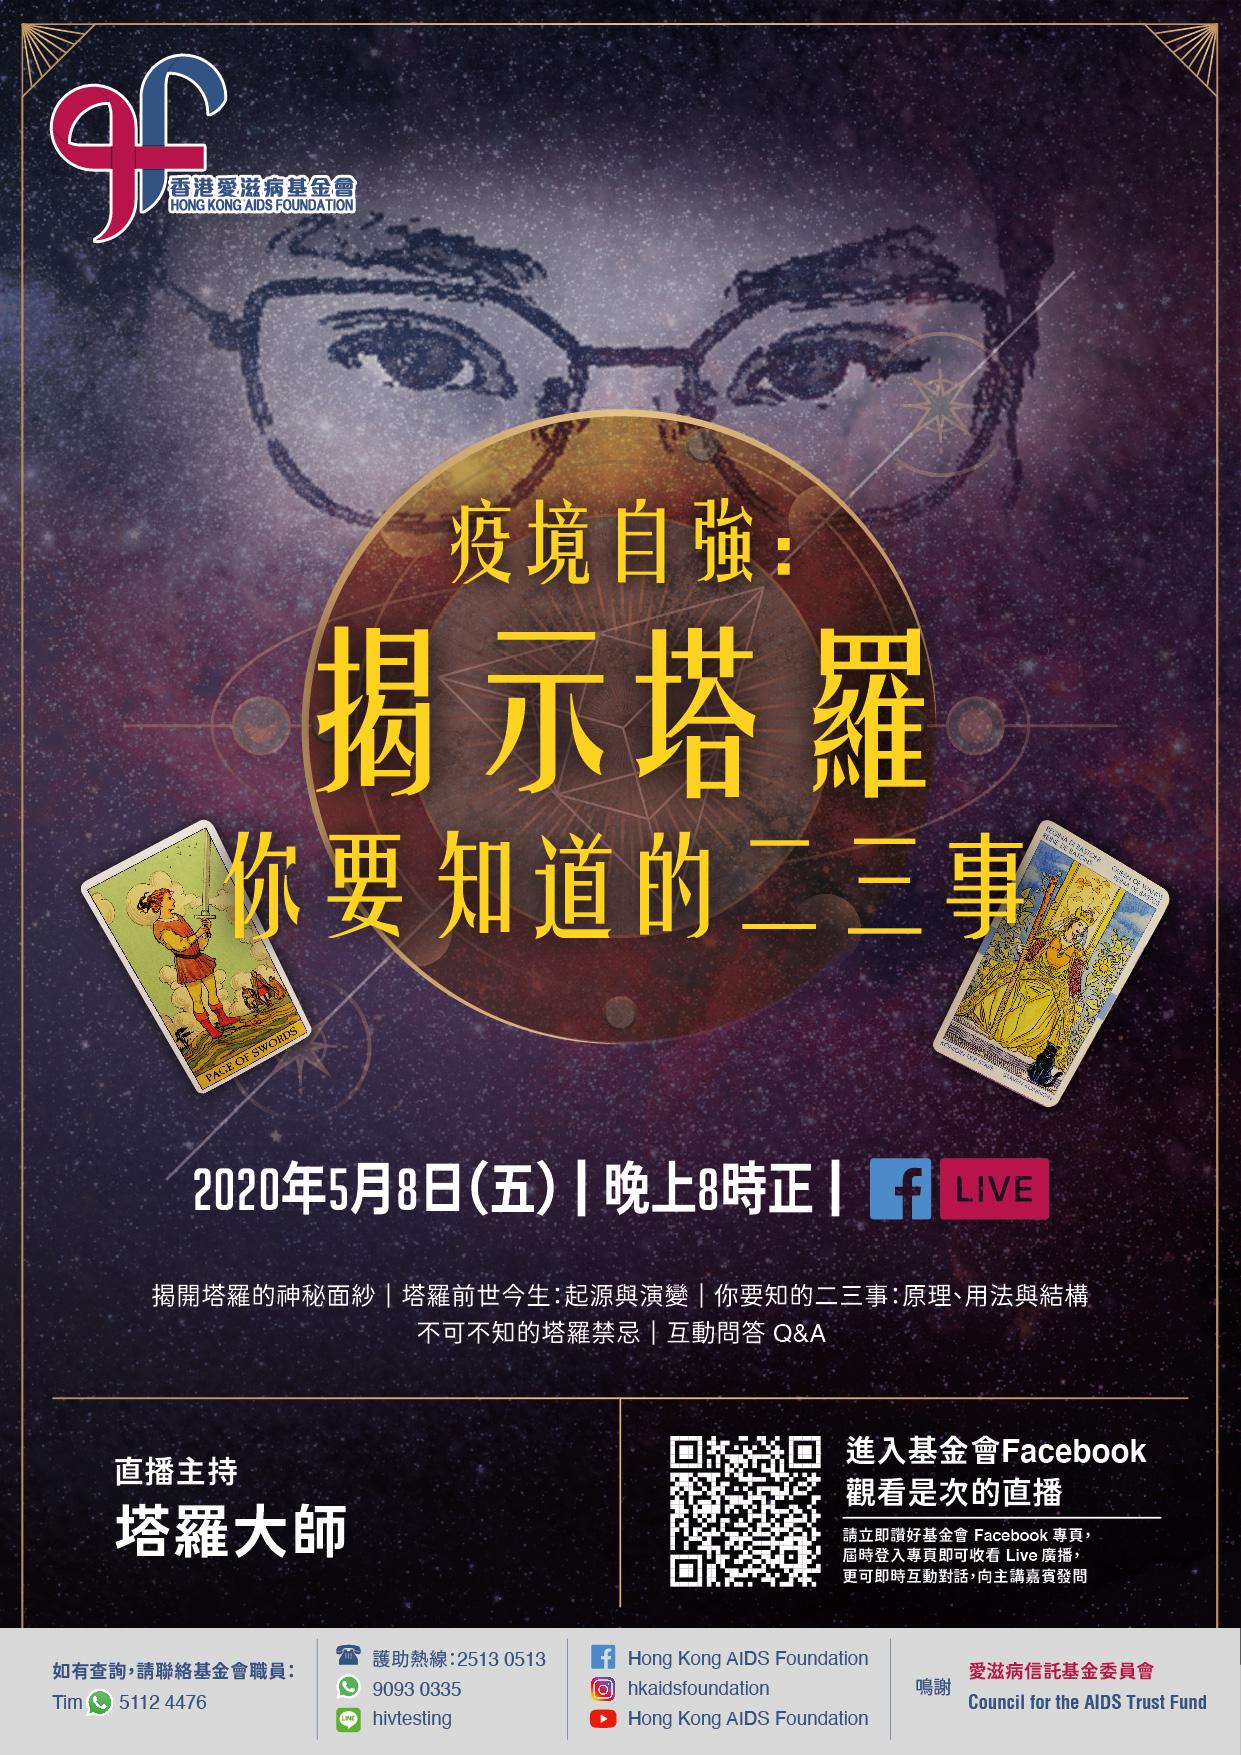 27042020 Facebook live poster-2_20200508